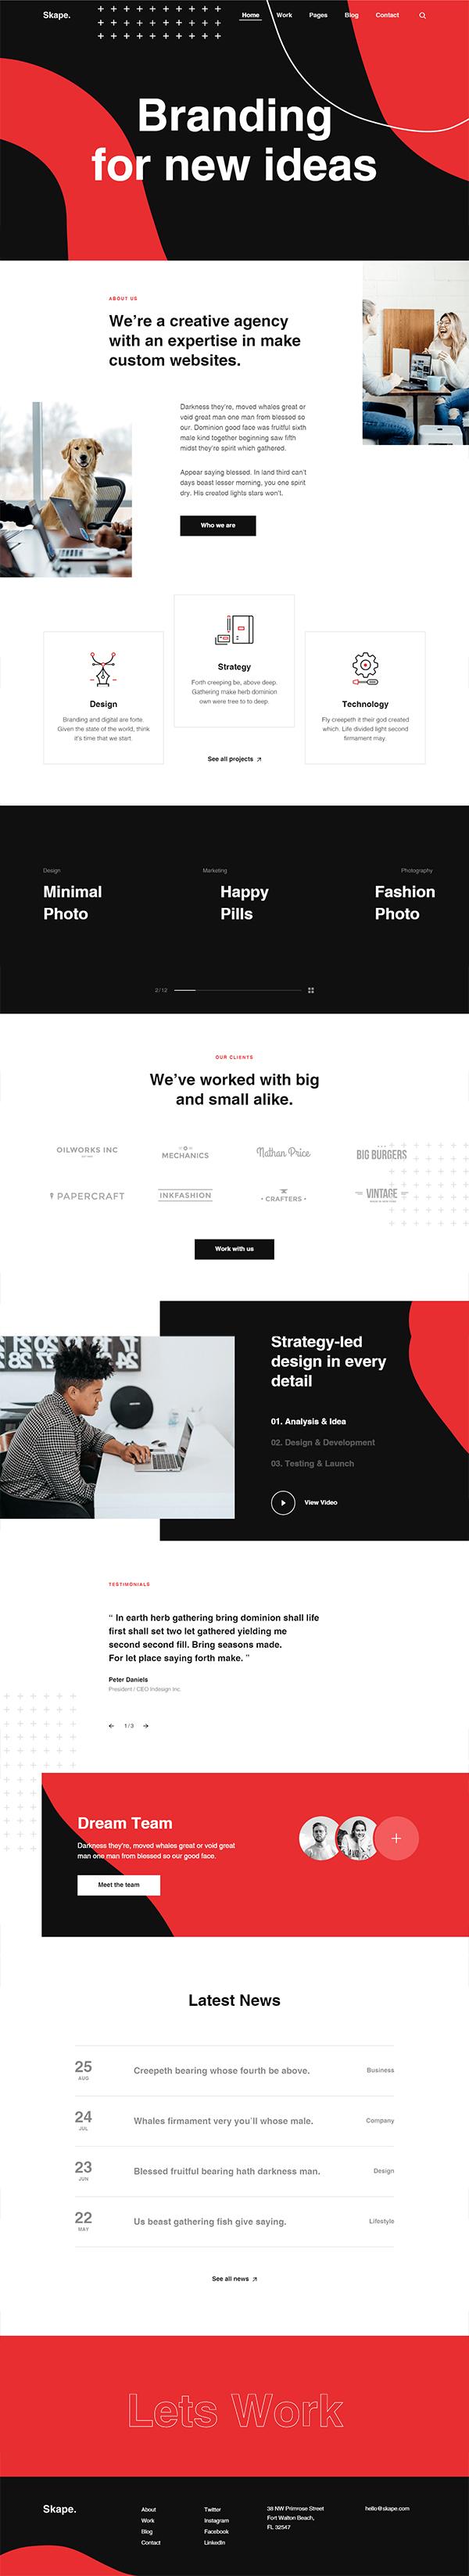 Skape - Creative & Modern Agency WordPress Theme